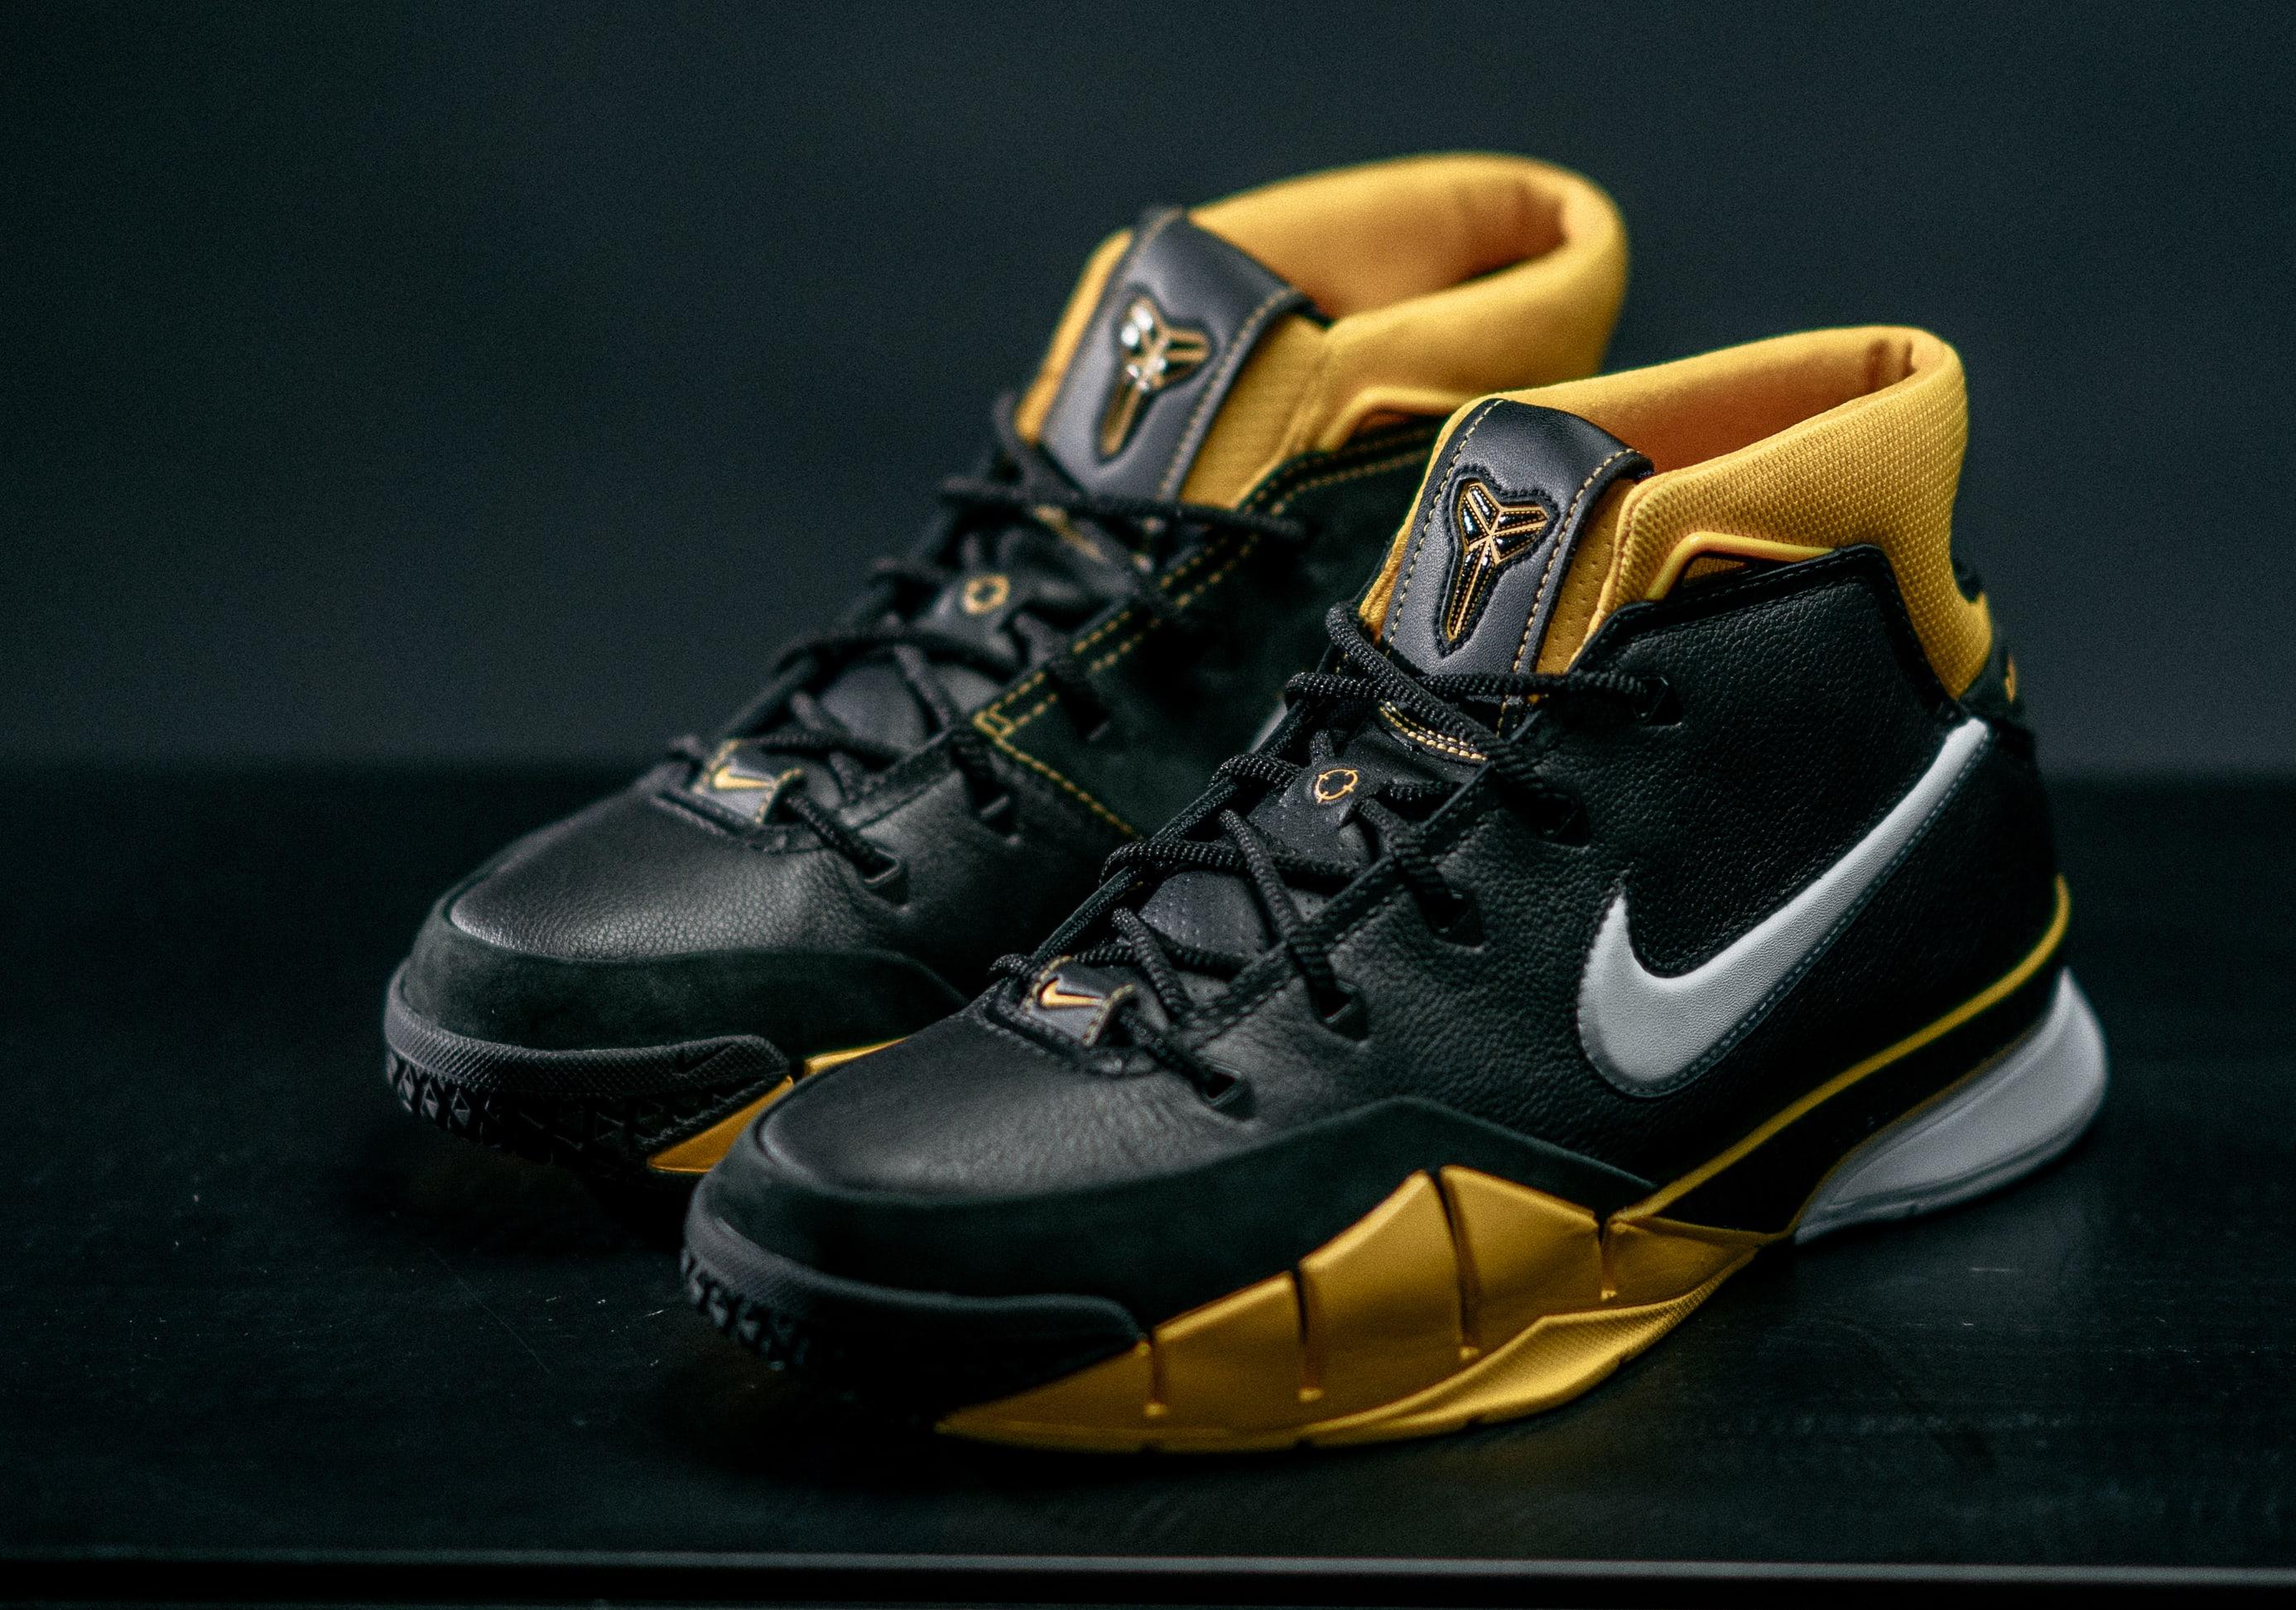 Nike Kobe 1 Protro